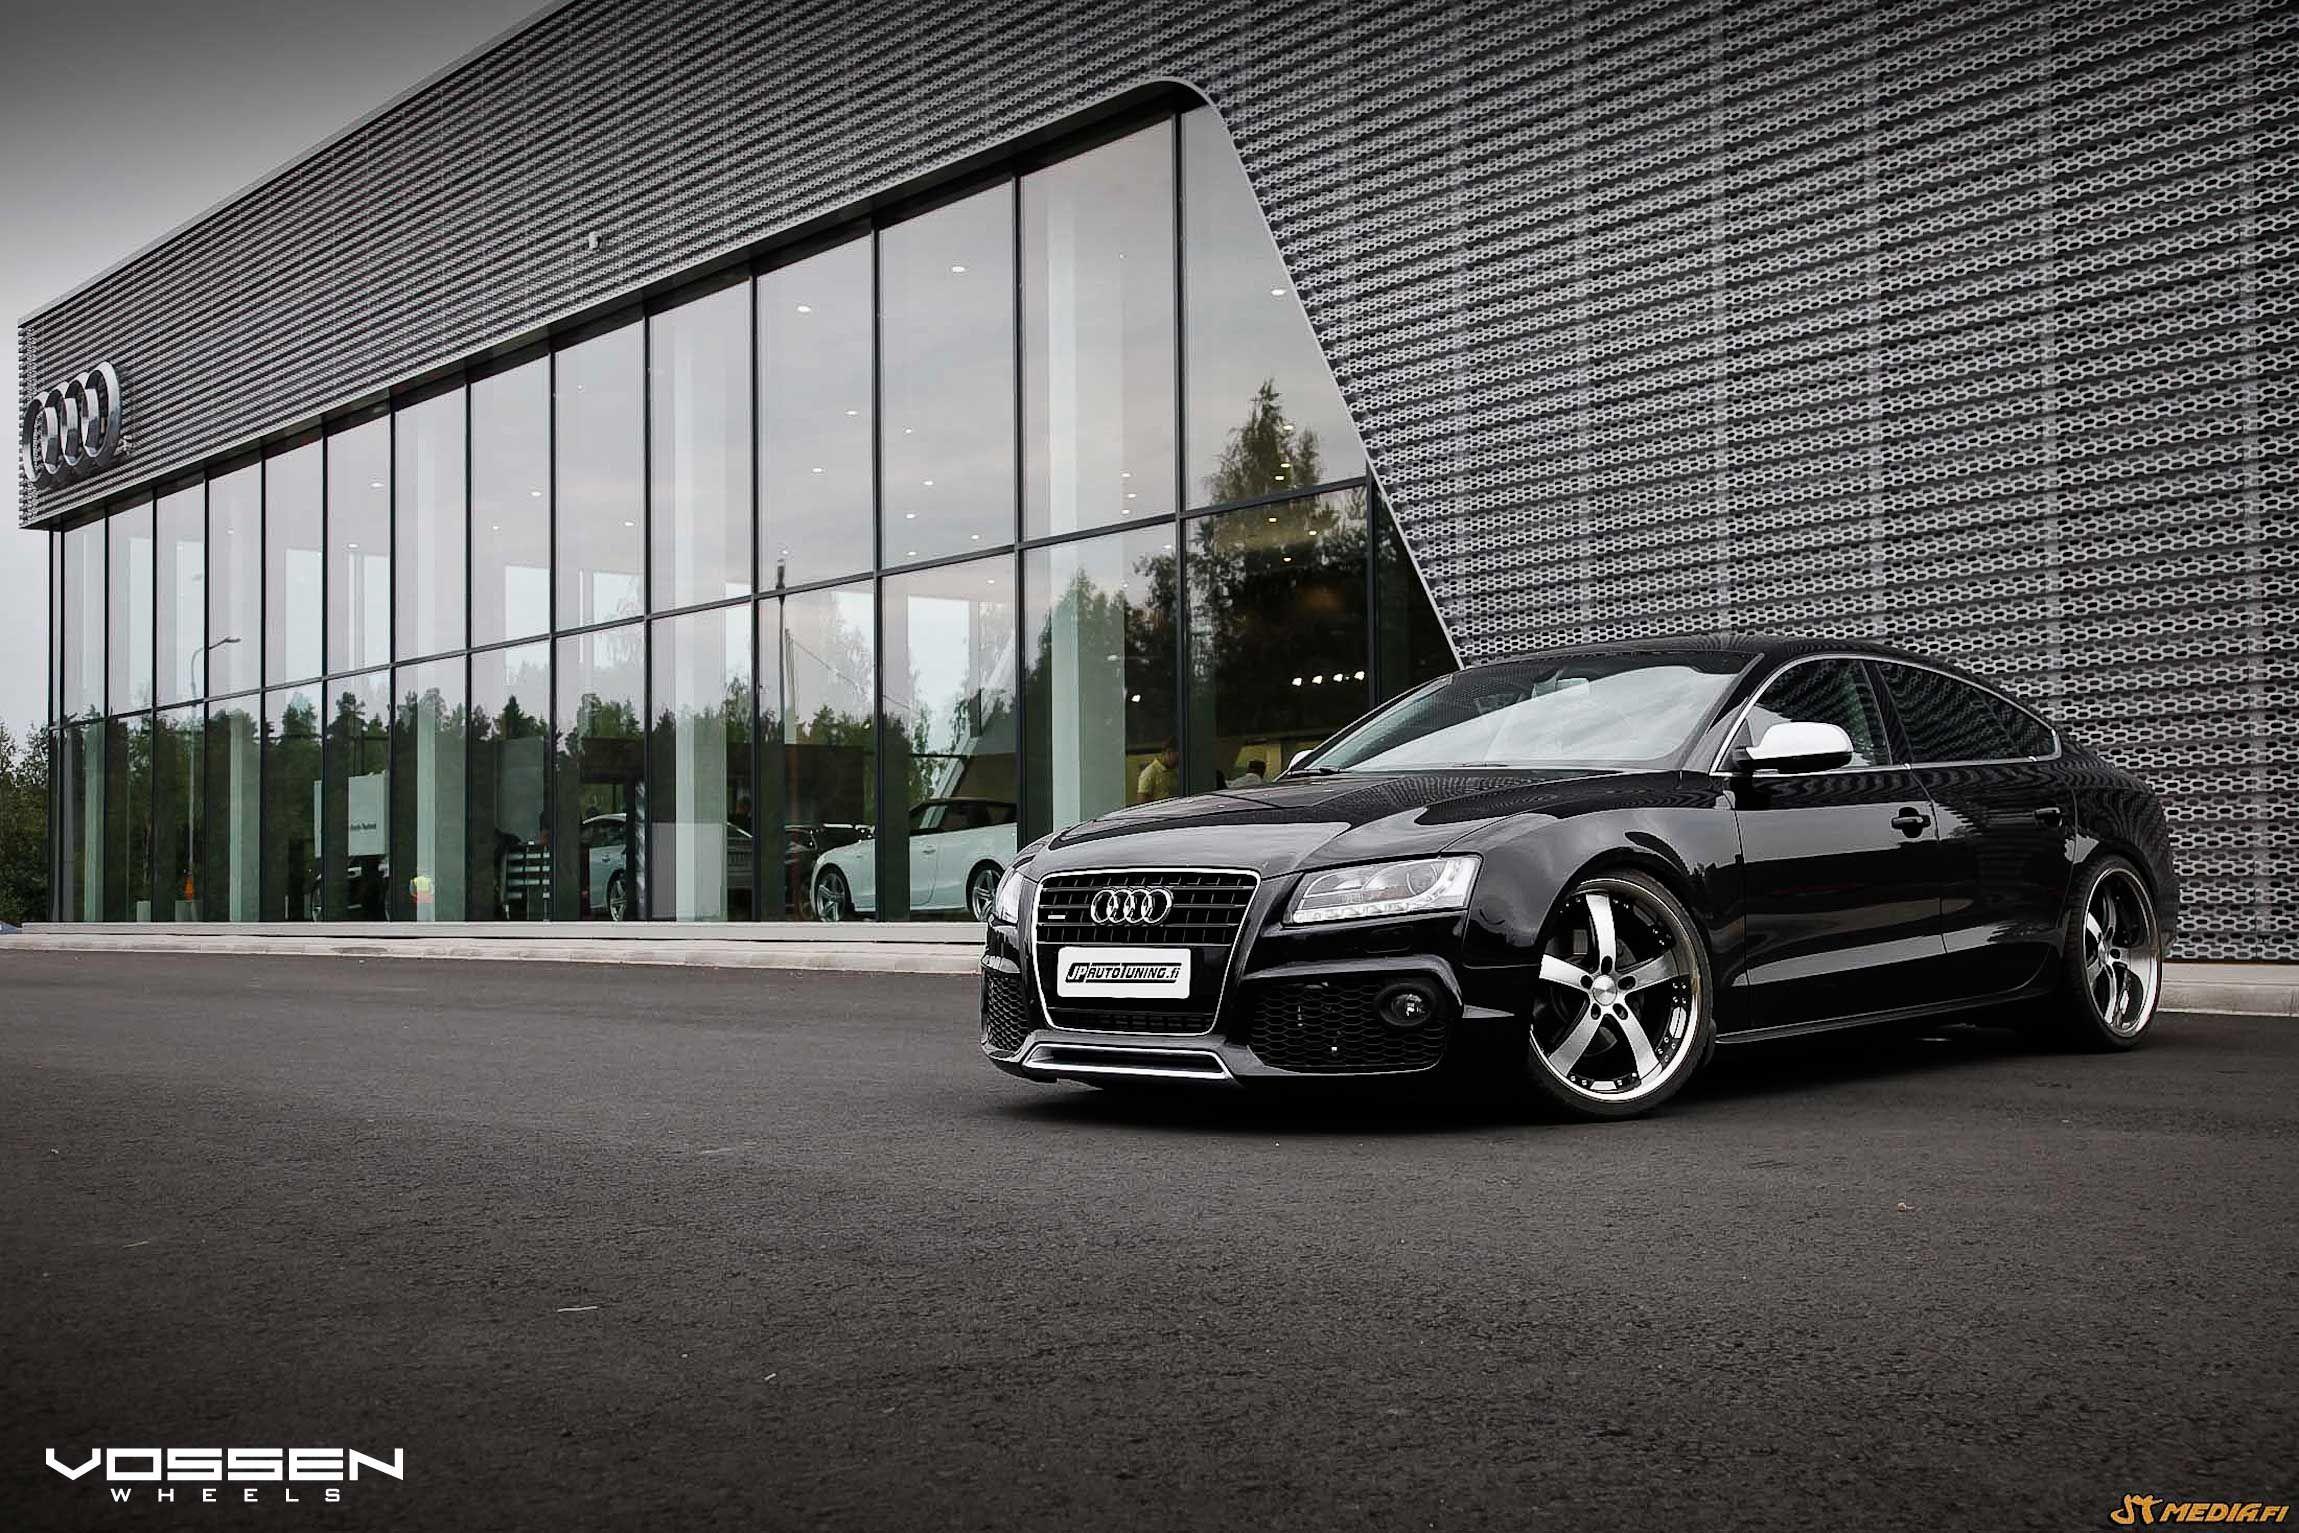 Pin By Kim Breton On Autohaus Audi A5 Audi Cars Audi